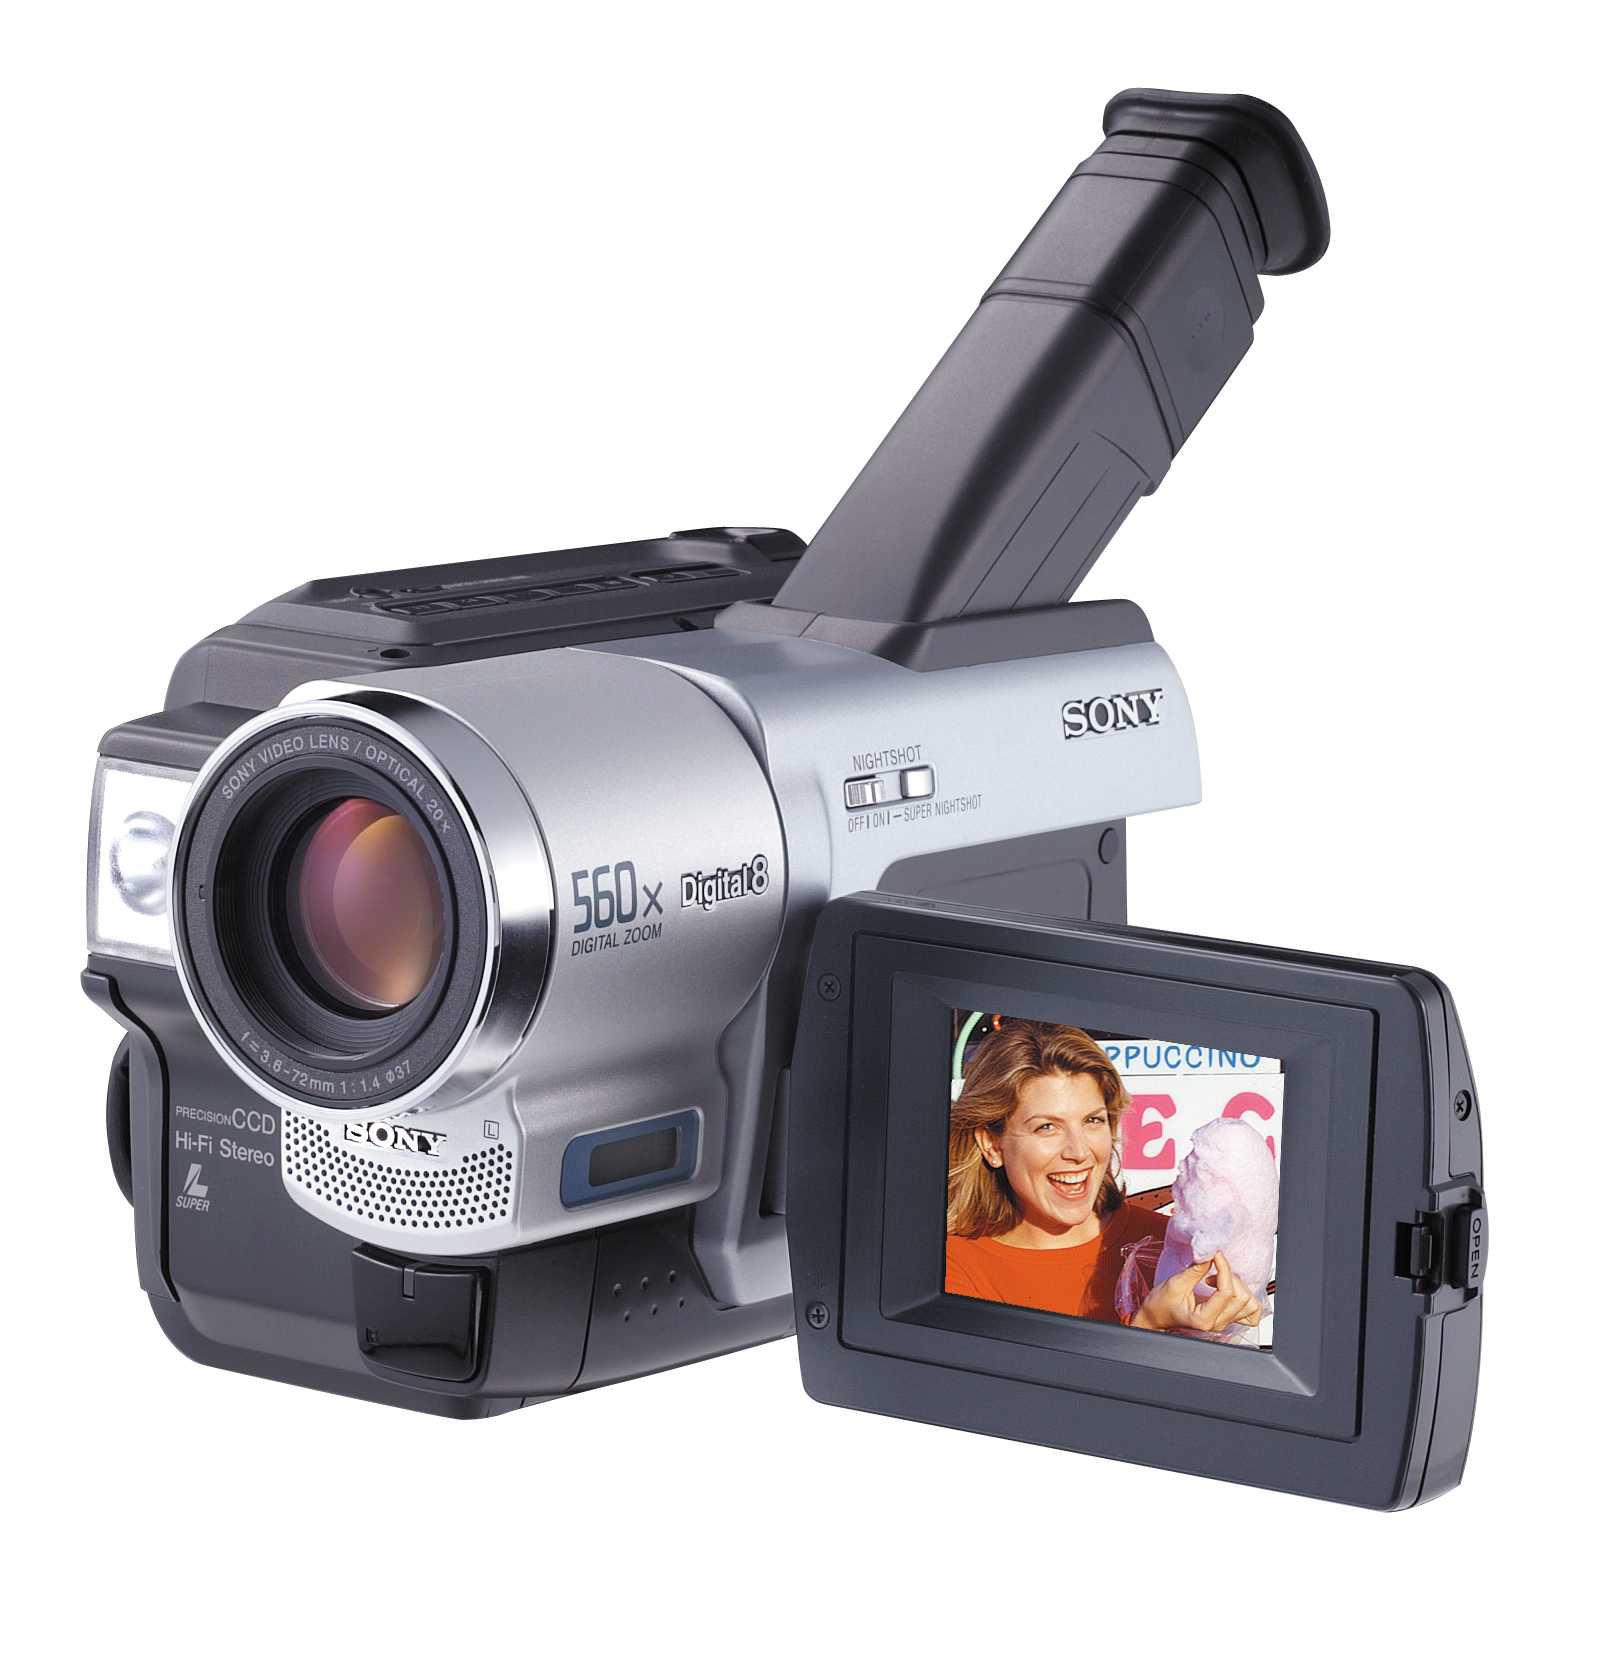 Инструкция пользователя видеокамеры sony